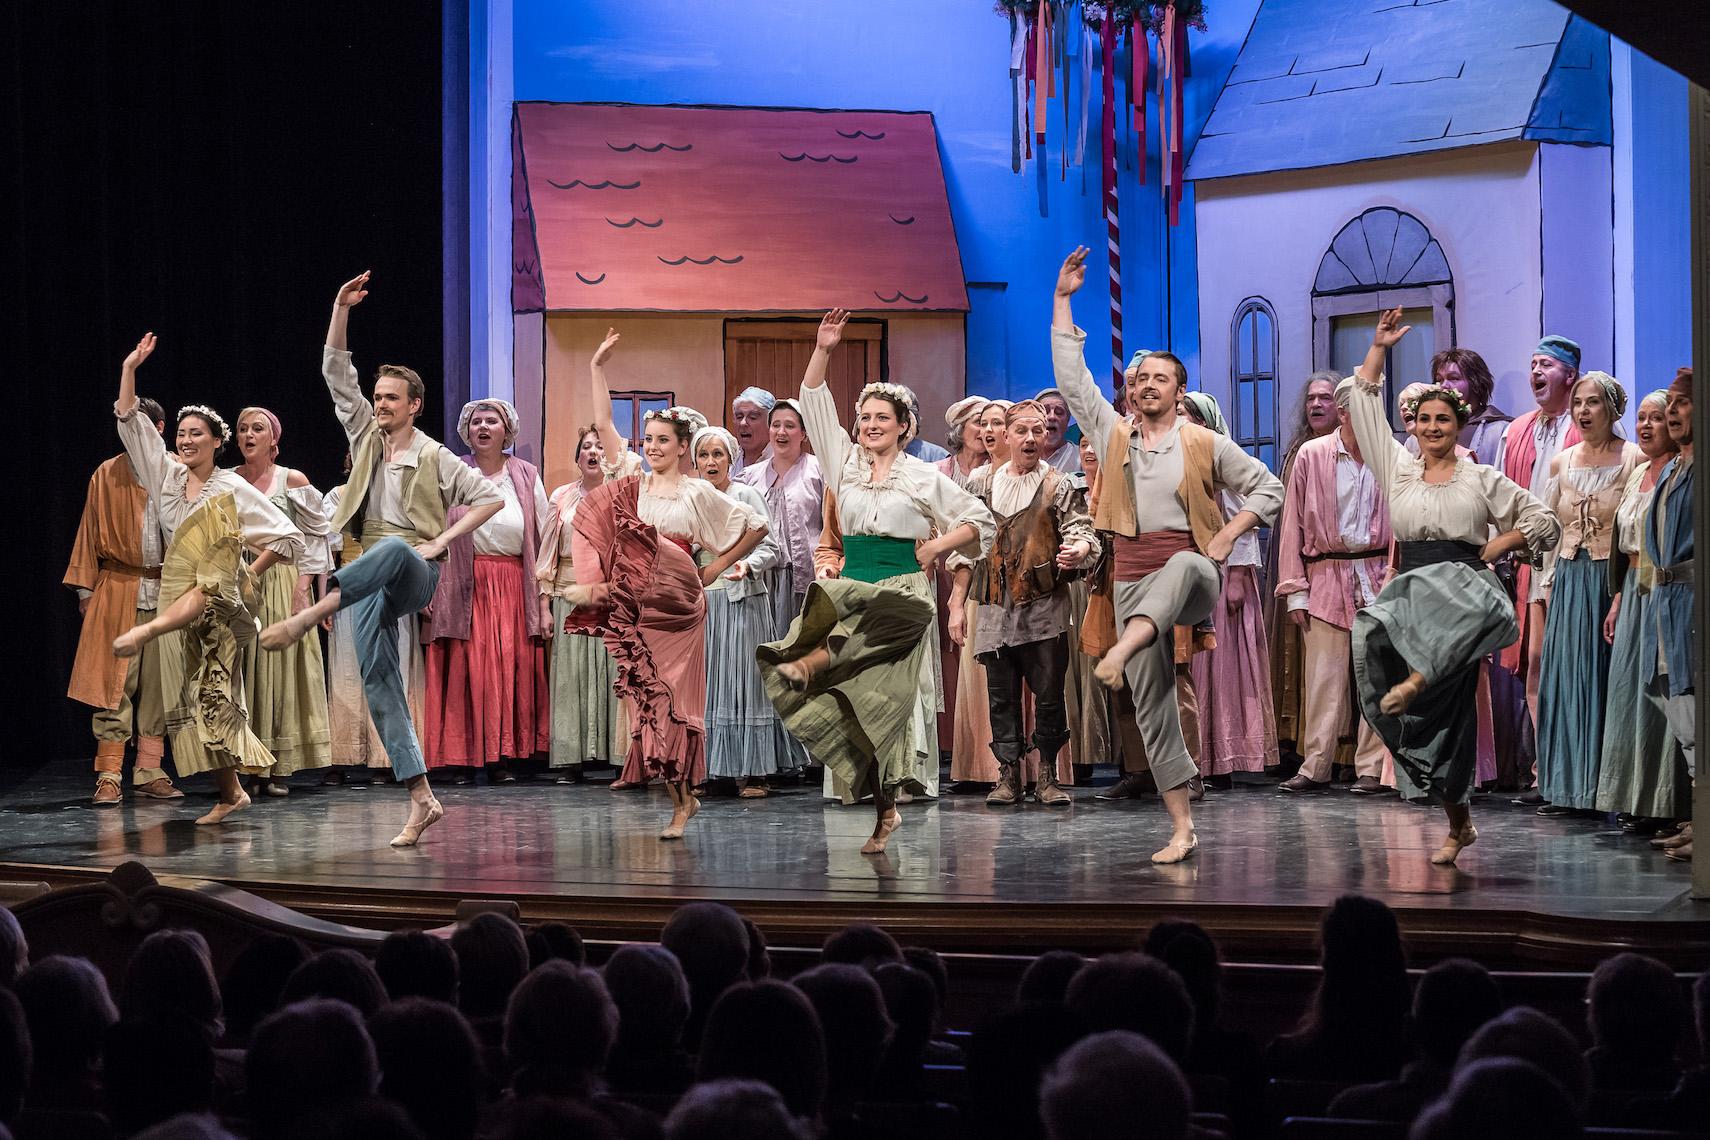 Der Chor des Stadttheaters Sursee in Aktion.